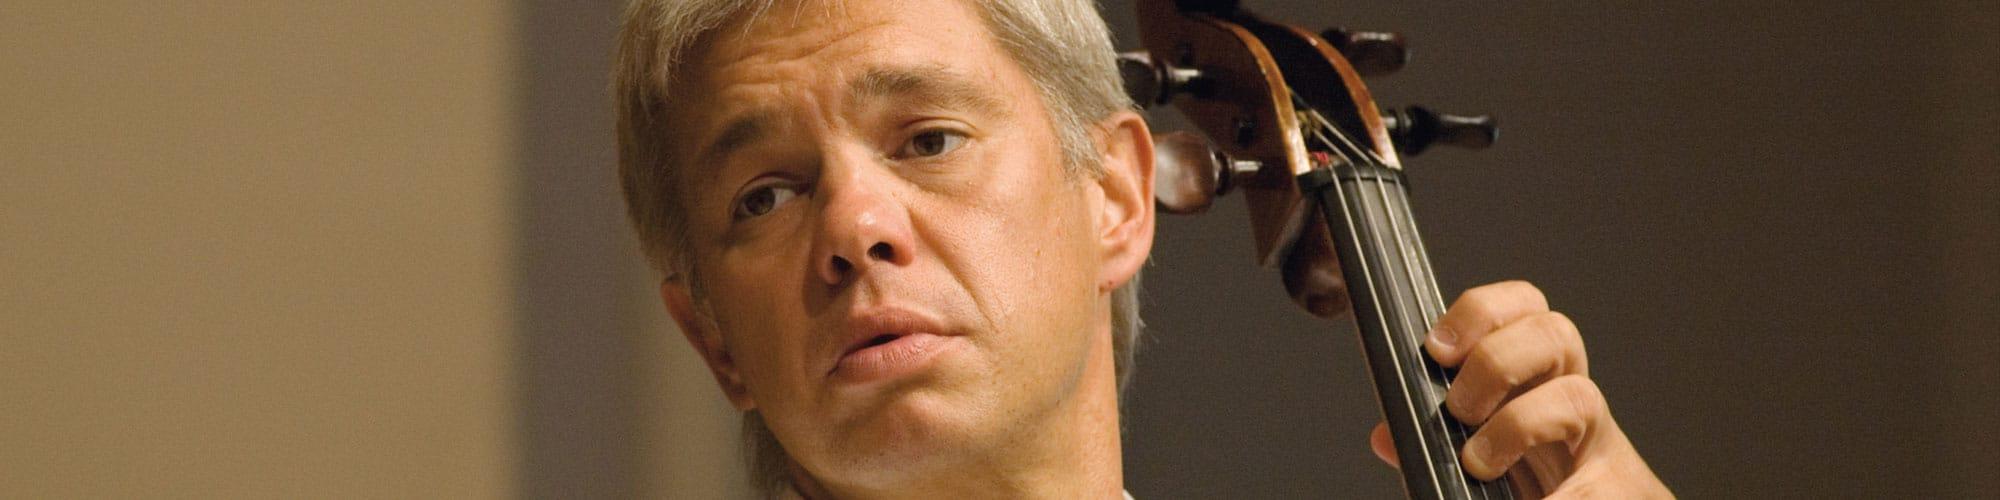 Hagen Clemens, cello. Foto Uta Suesse Krause.